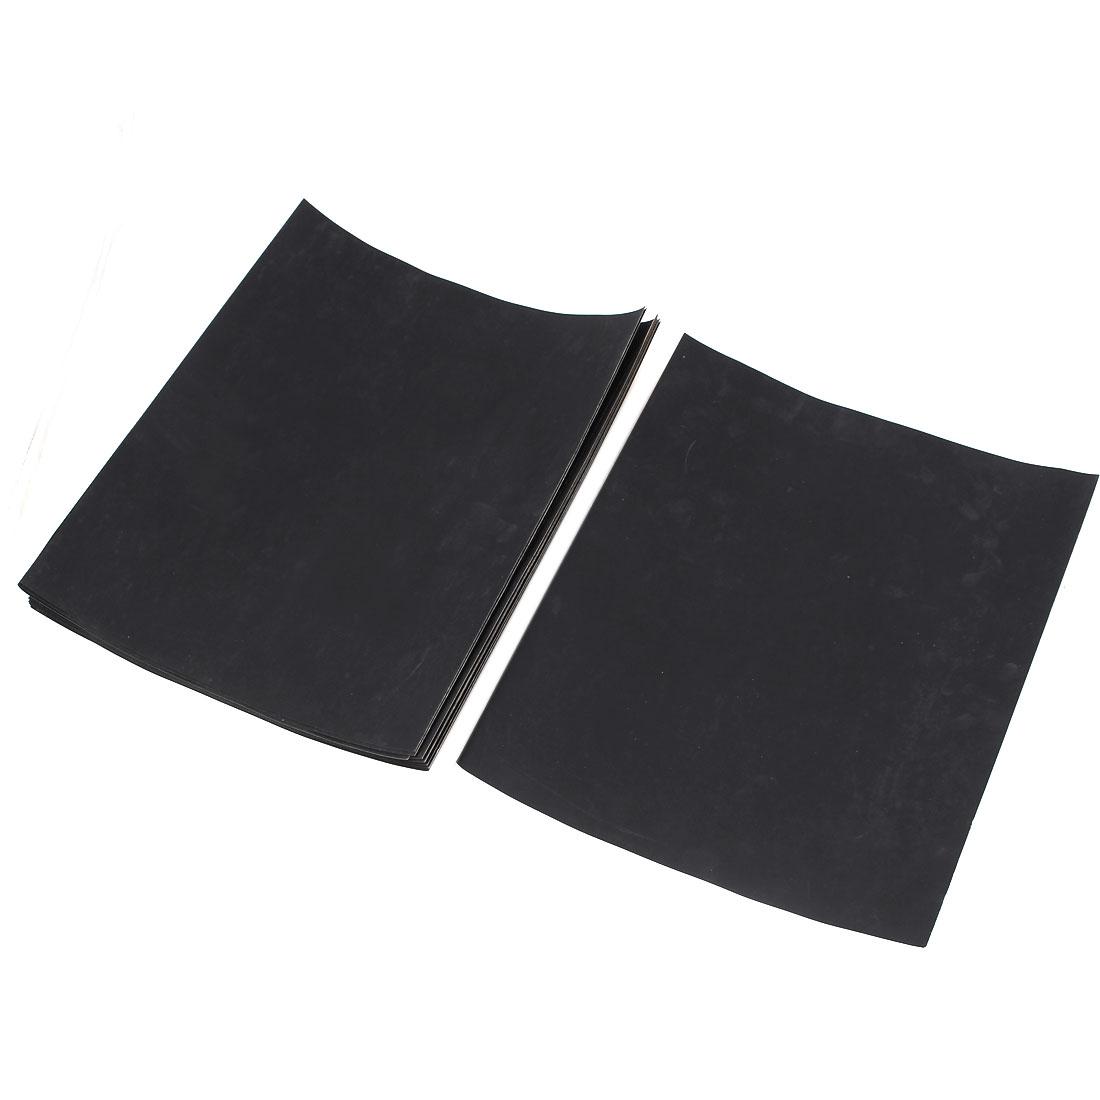 1000 Grit Polishing Dry Square Abrasive Sanding Sandpaper Sheet 20 Pcs